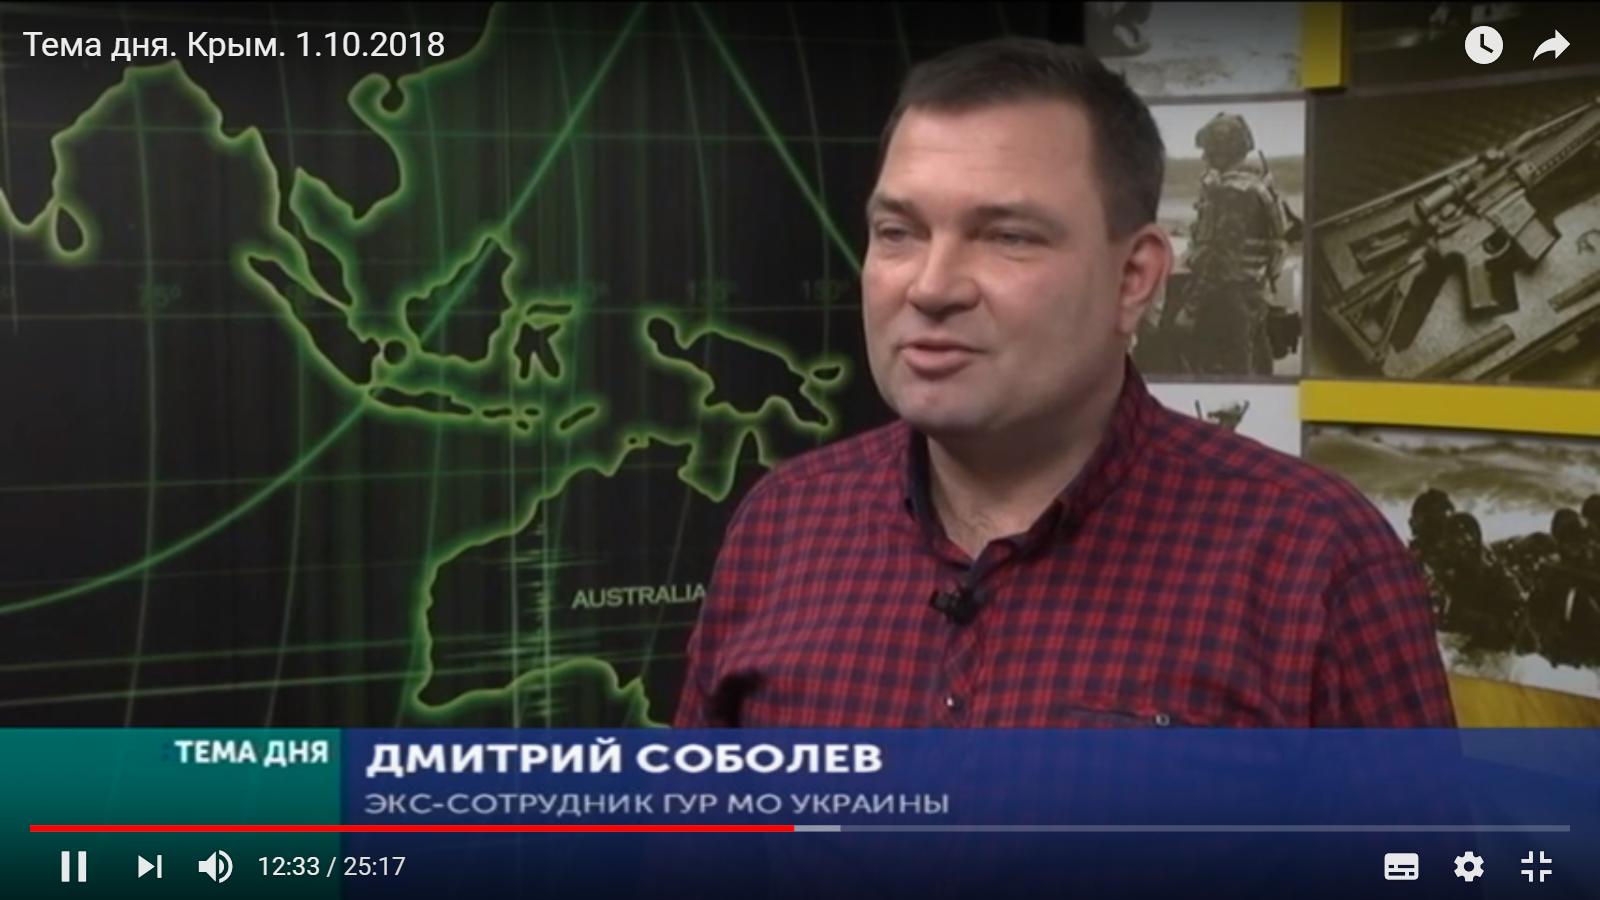 При керівництві Гриценка ймовірним противником в Криму вважалися татари, а не Росія, — експерт